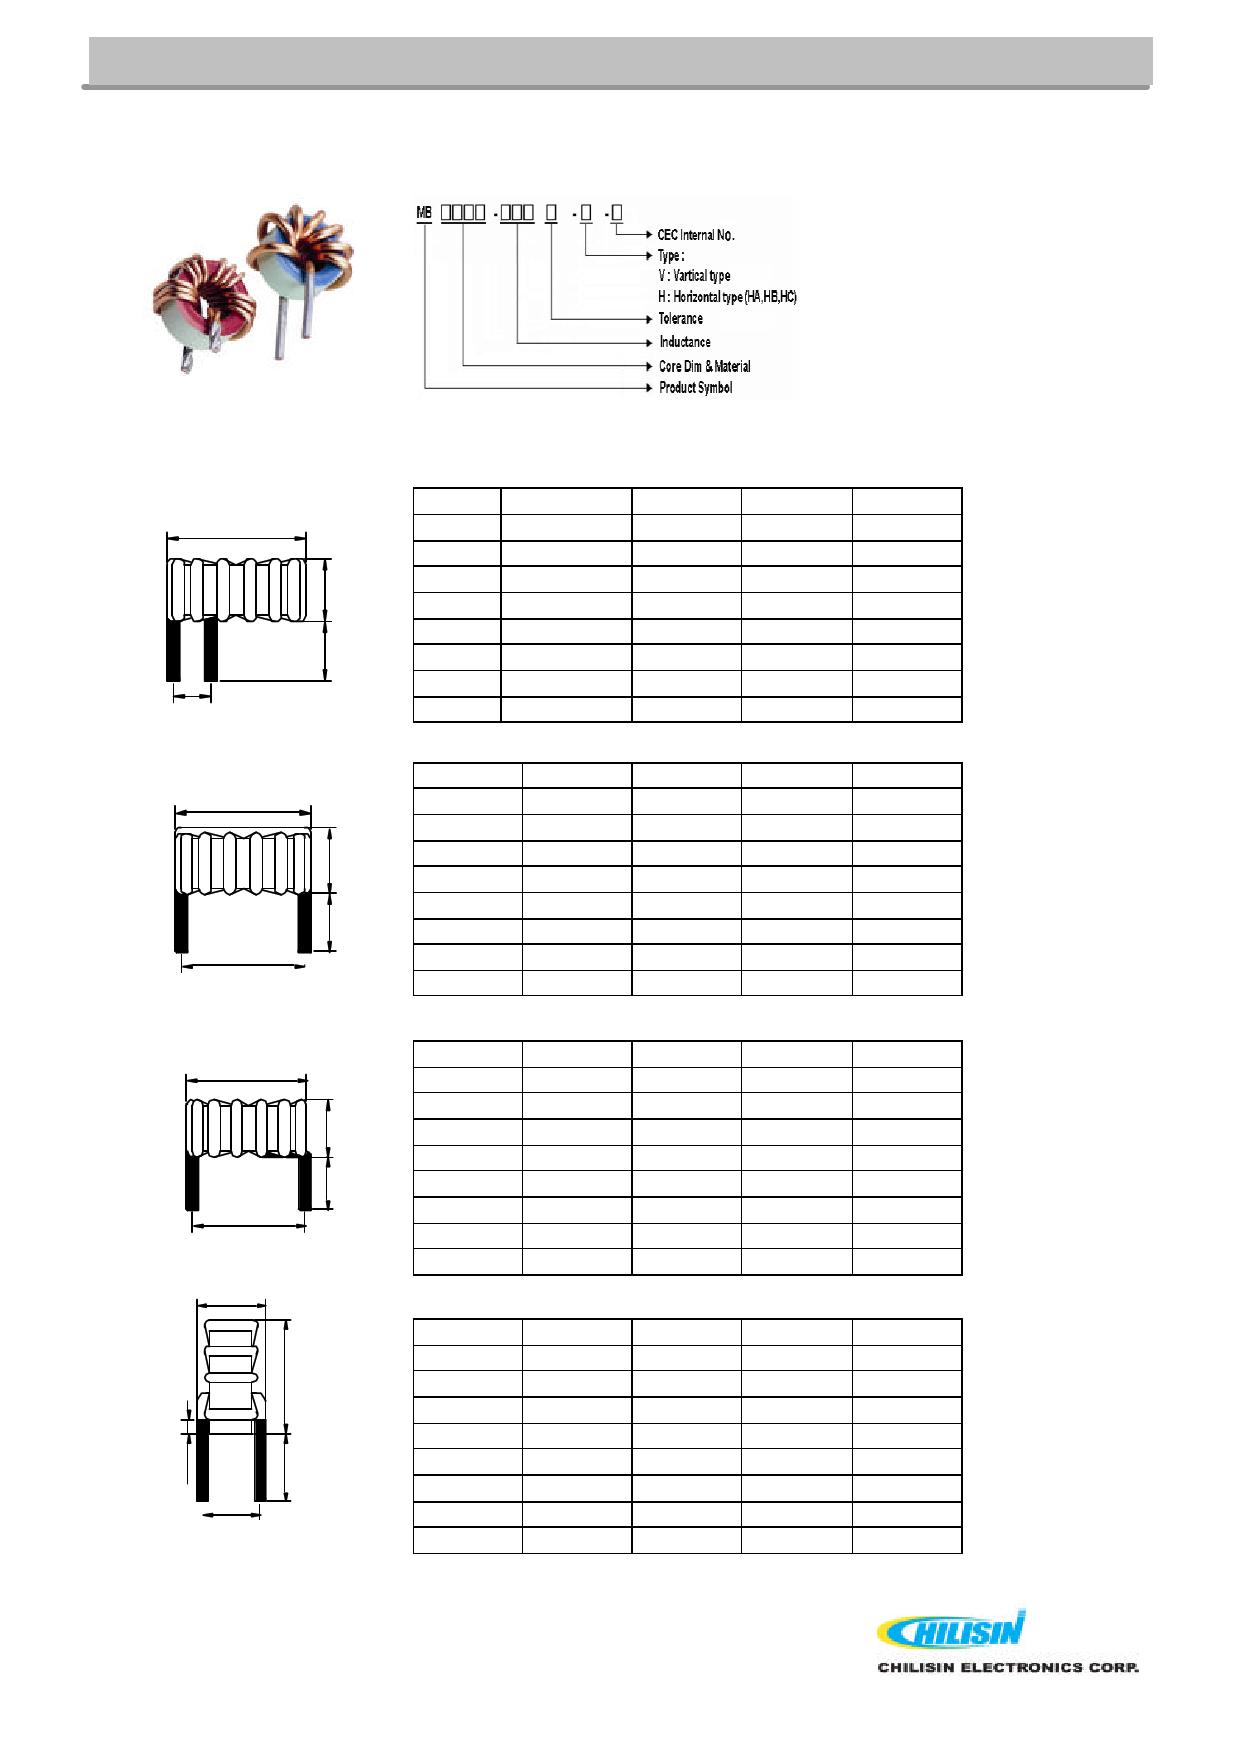 MB5018B 데이터시트 및 MB5018B PDF